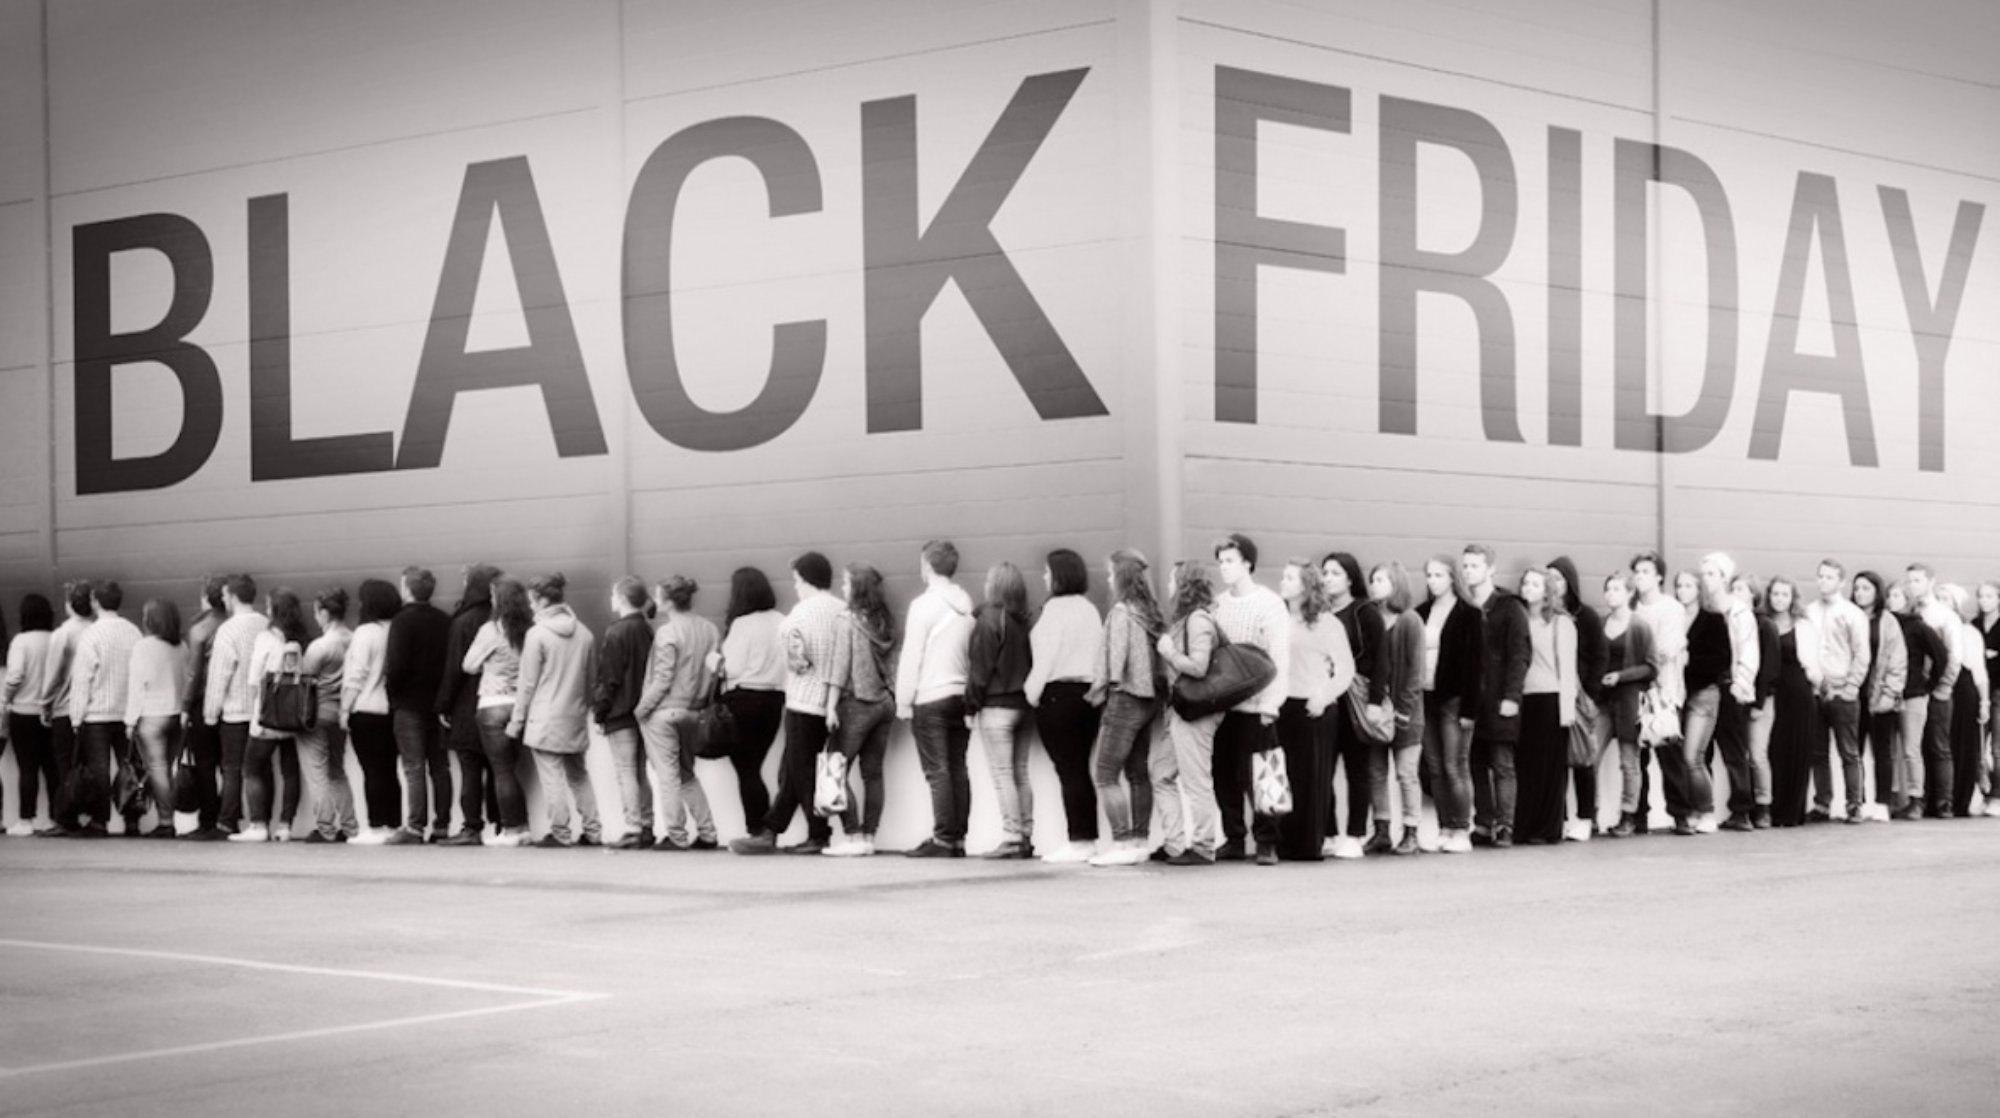 Black Friday xuất hiện kể từ ít nhất là đầu những năm 1960